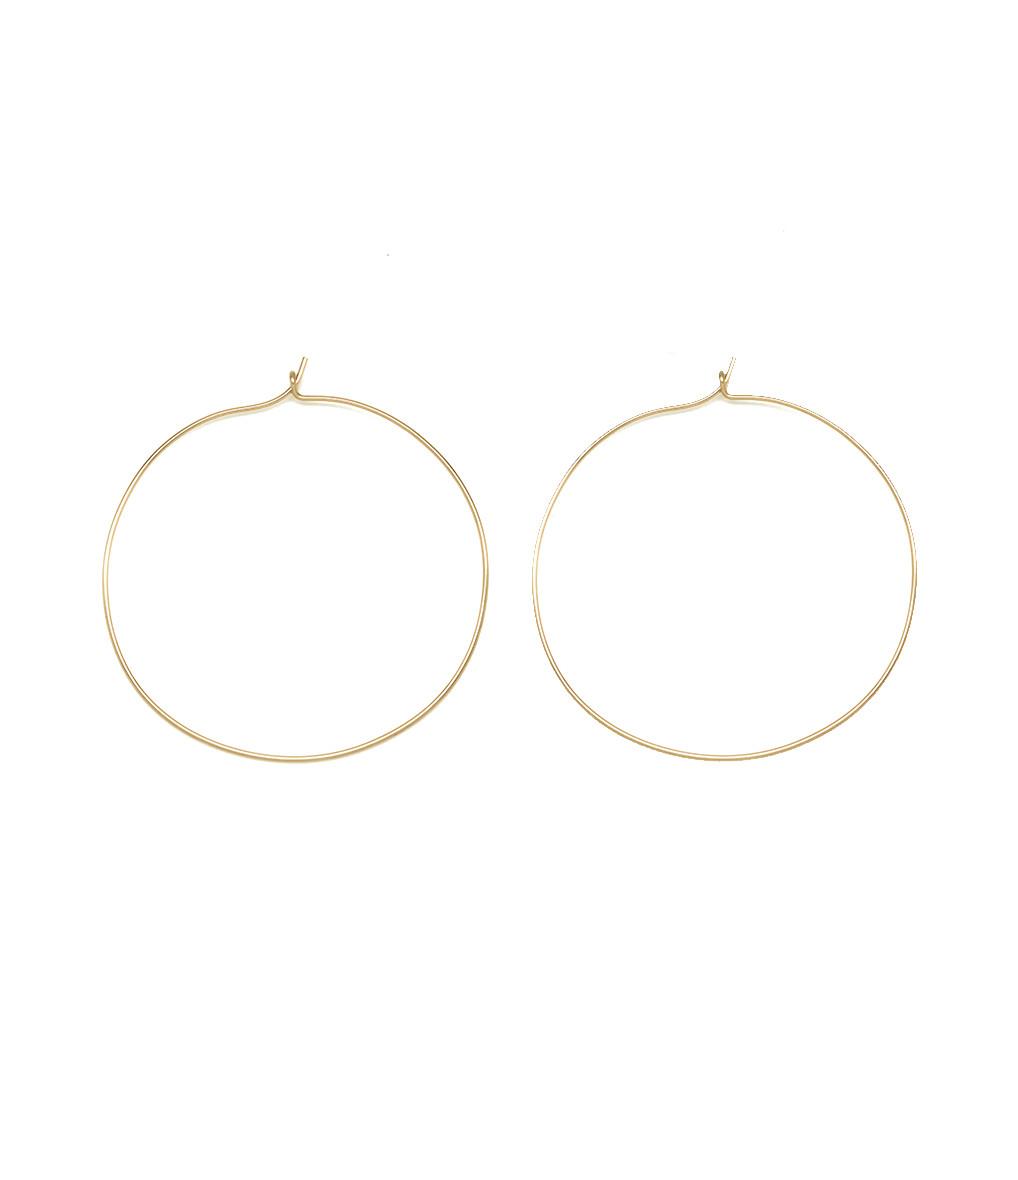 ATELIER PAULIN - Créoles Nude Gold Filled Jaune 14K